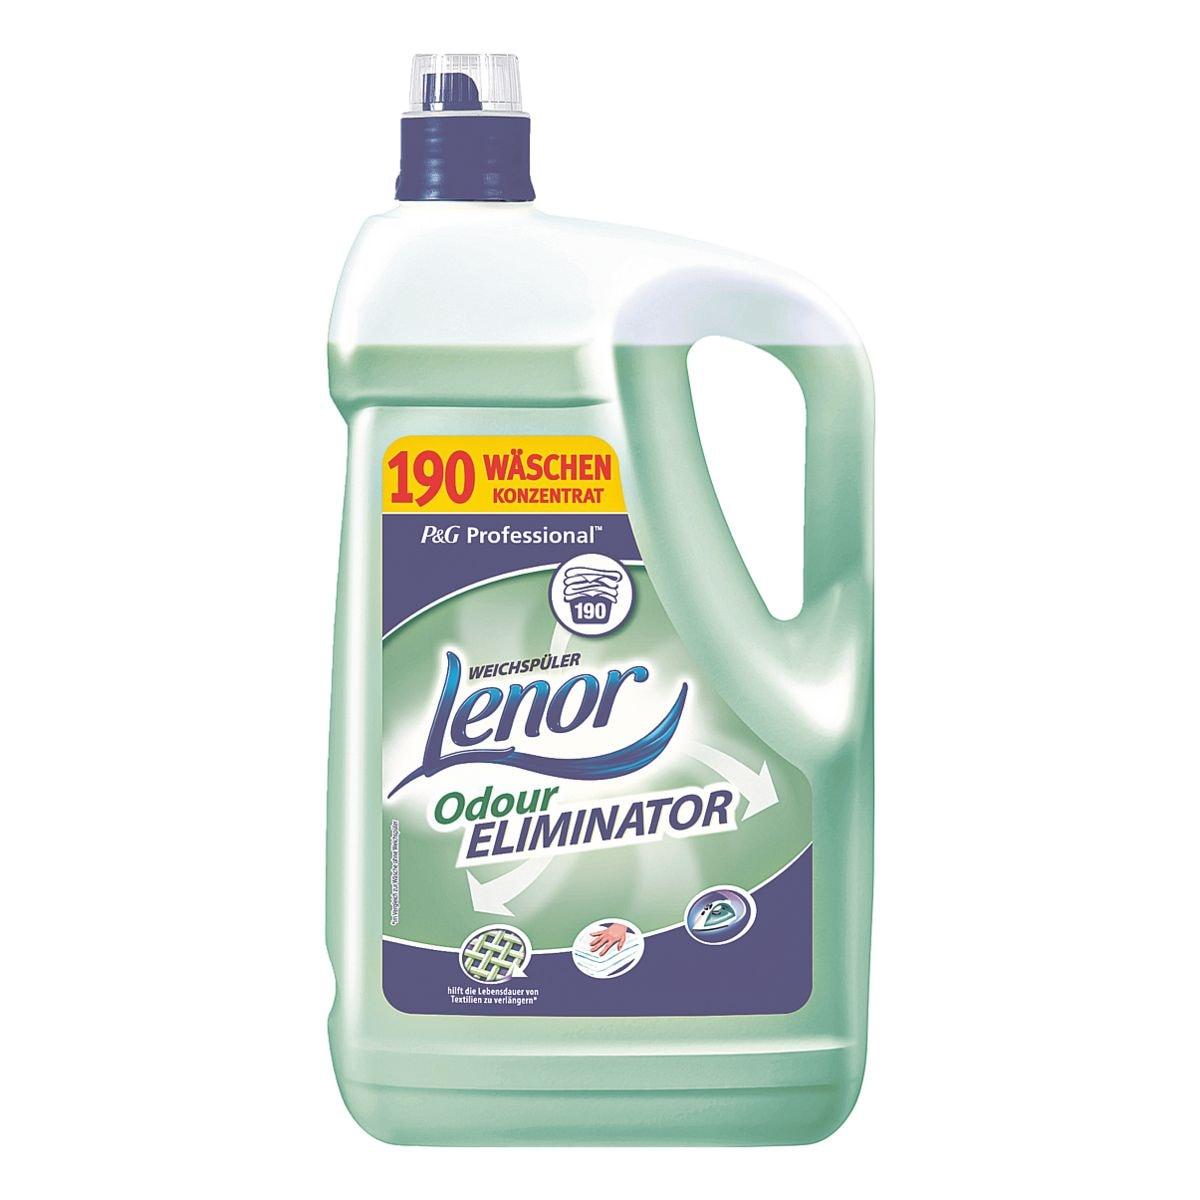 Lenor Adoucissant concentré « Odour Eliminator » 190 lessives